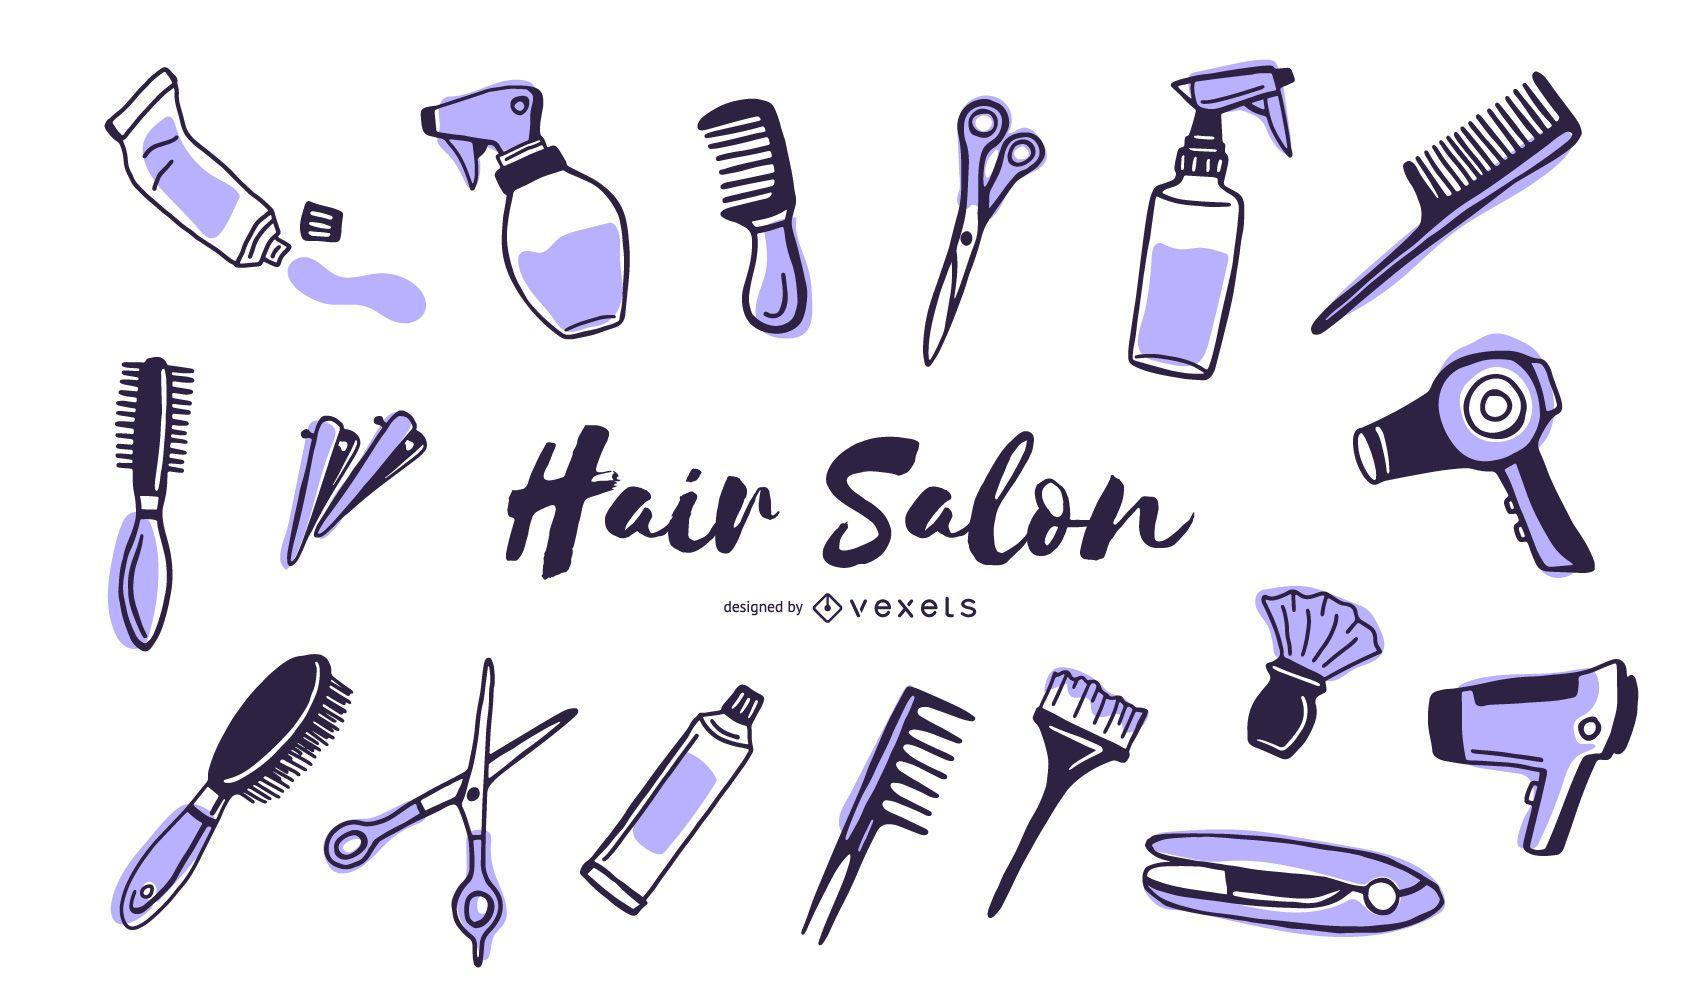 Hair salon duotone elements